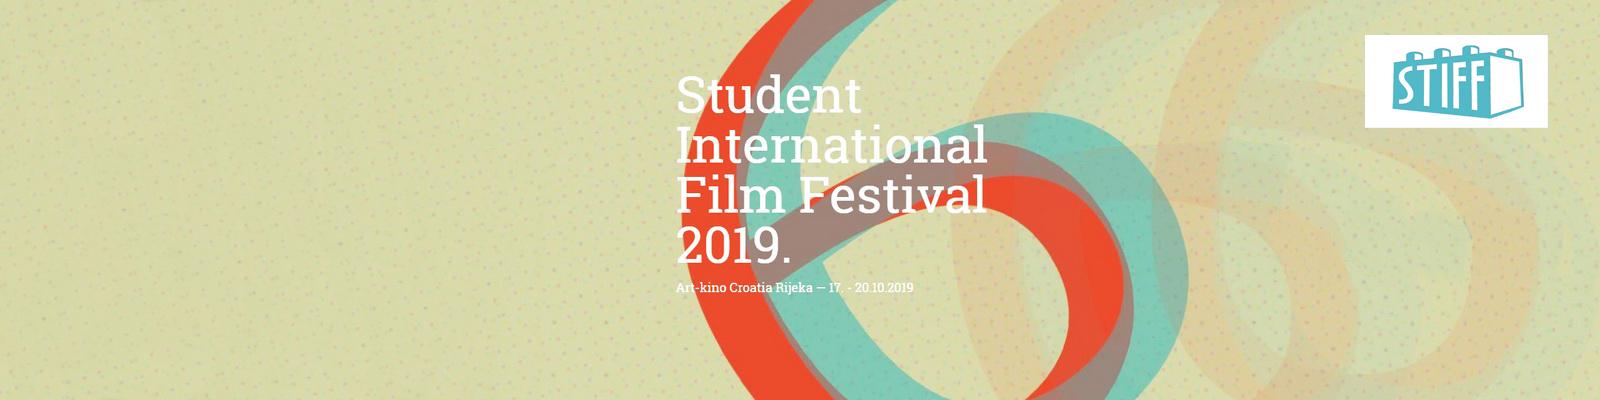 STIFF Festival 2019